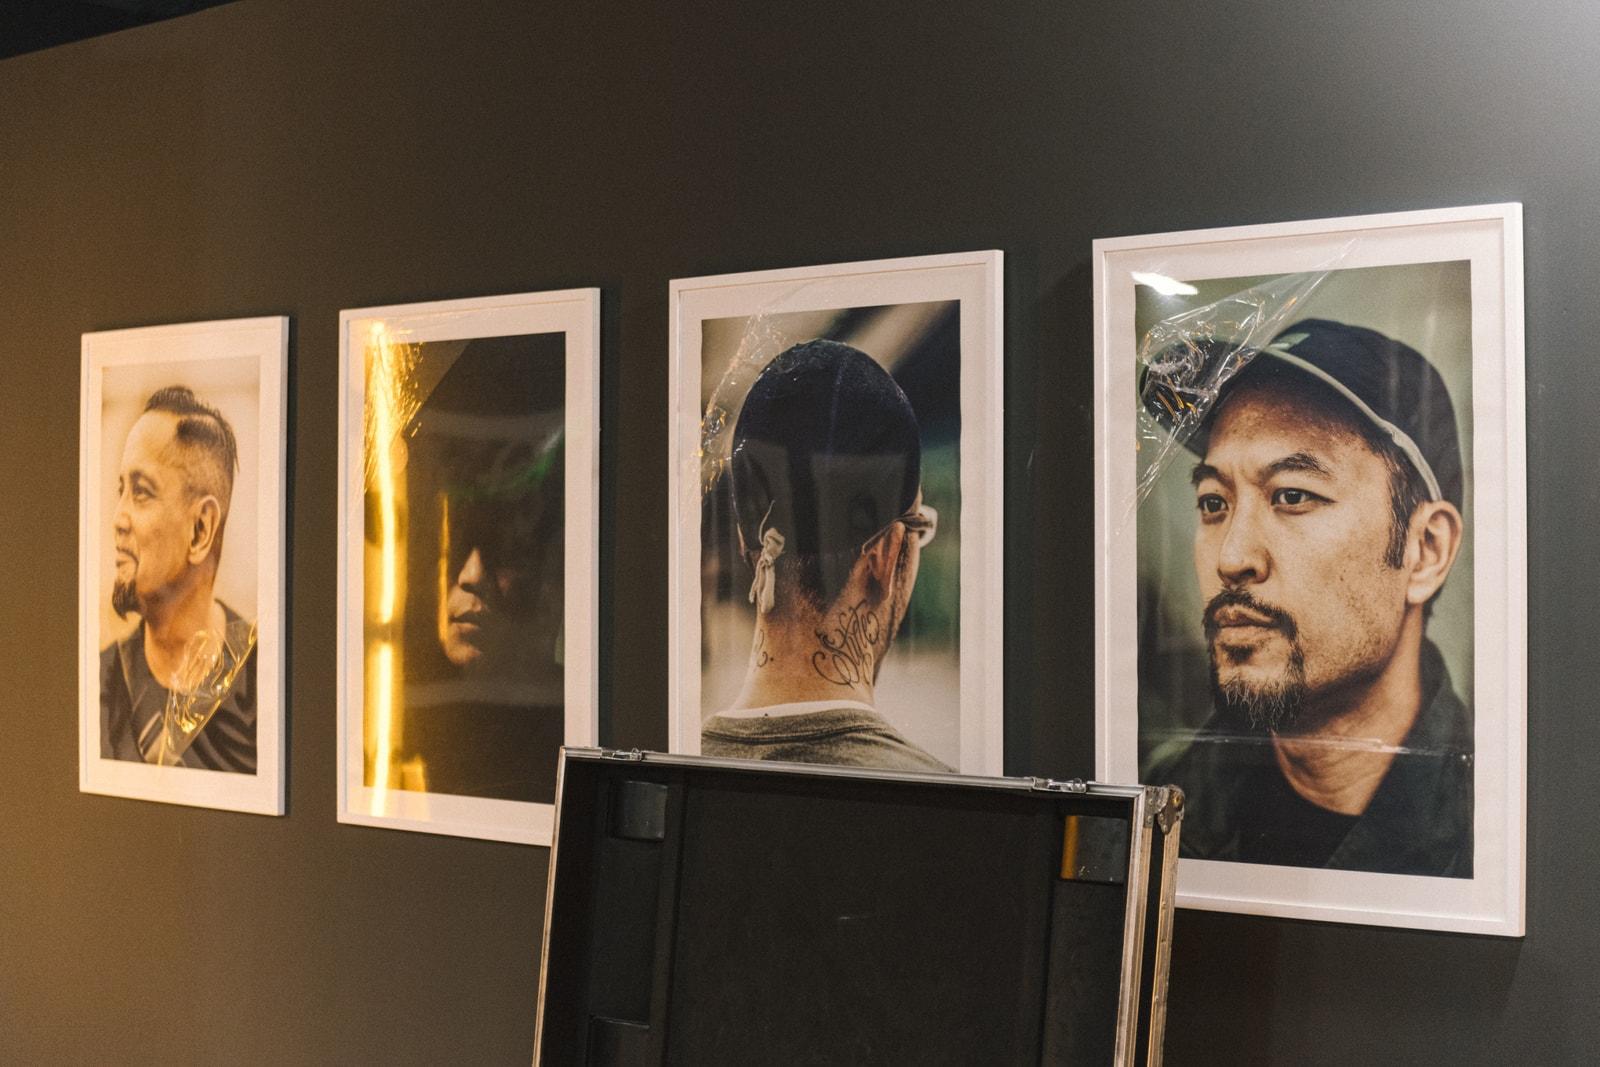 HYPEBEAST 專訪滑板攝影師樊星:記錄數代滑板人肖像,見證中國滑板文化的發展軌跡。